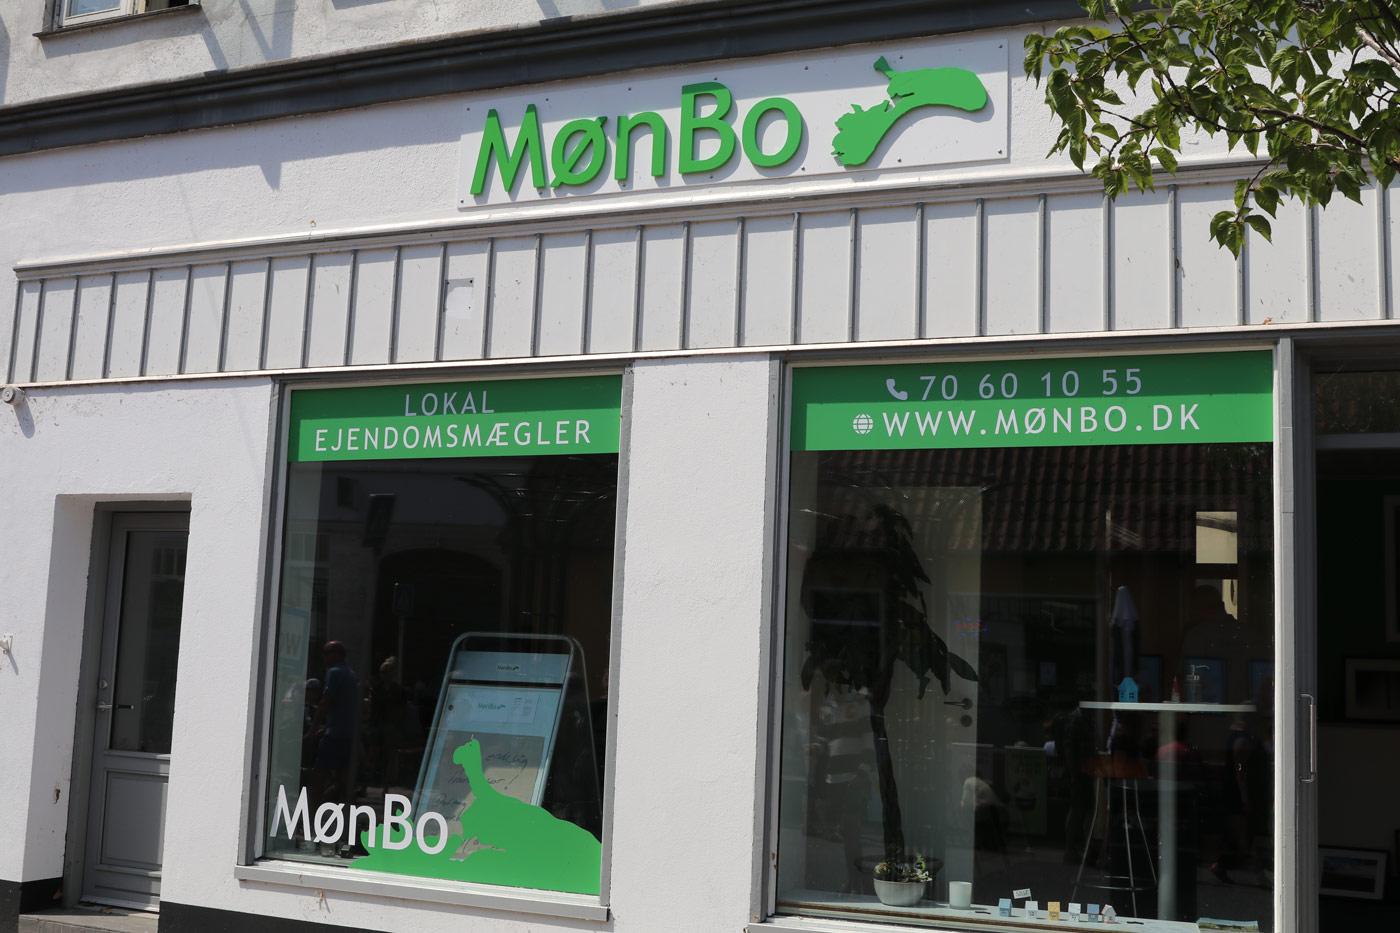 MønBo ejendomsmægler Stege på Møn